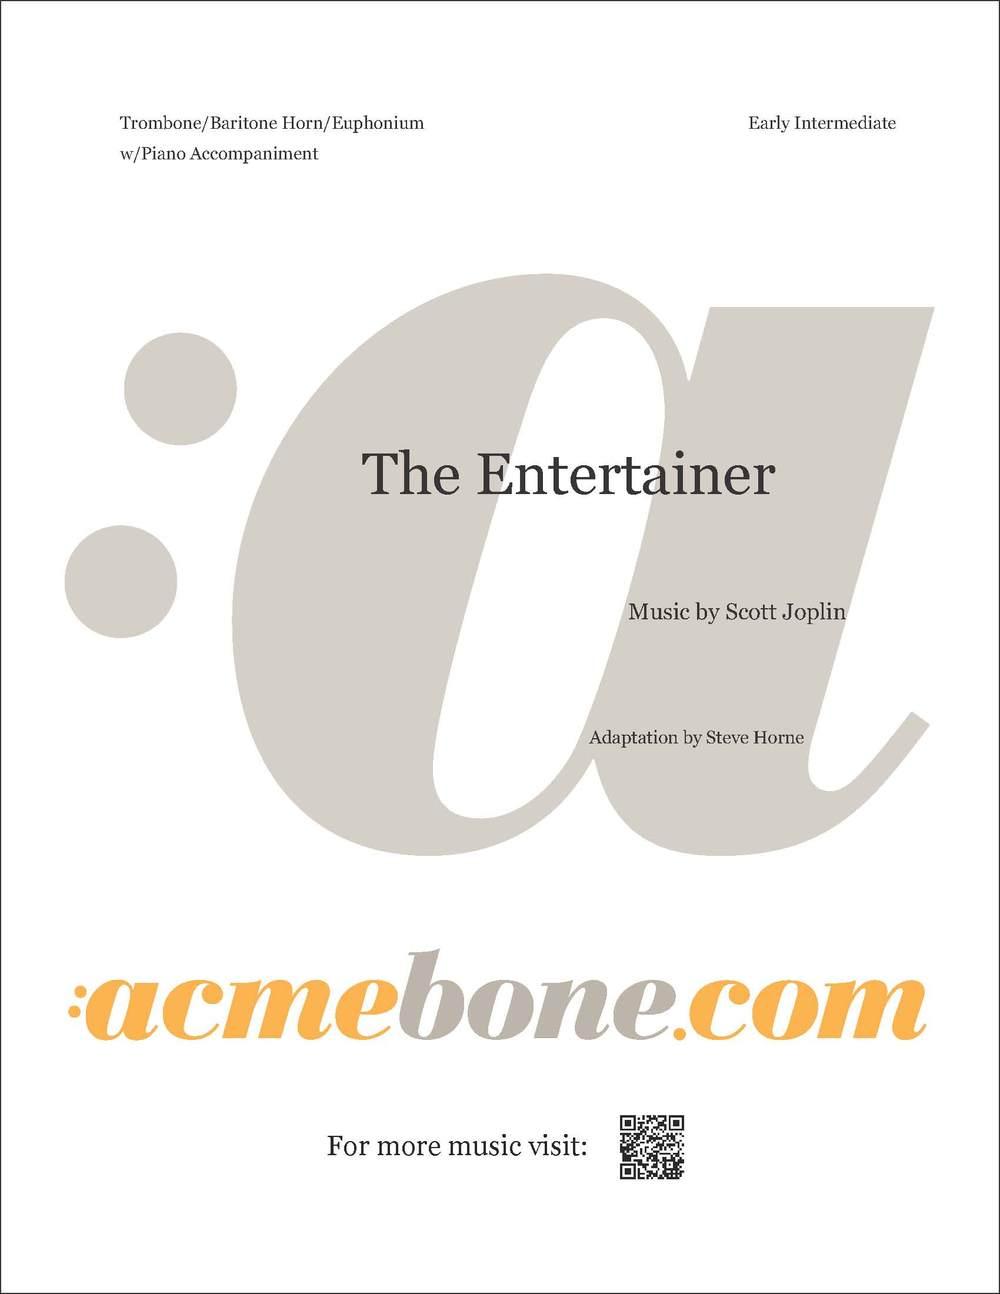 The Entertainer_digital_cover.jpg